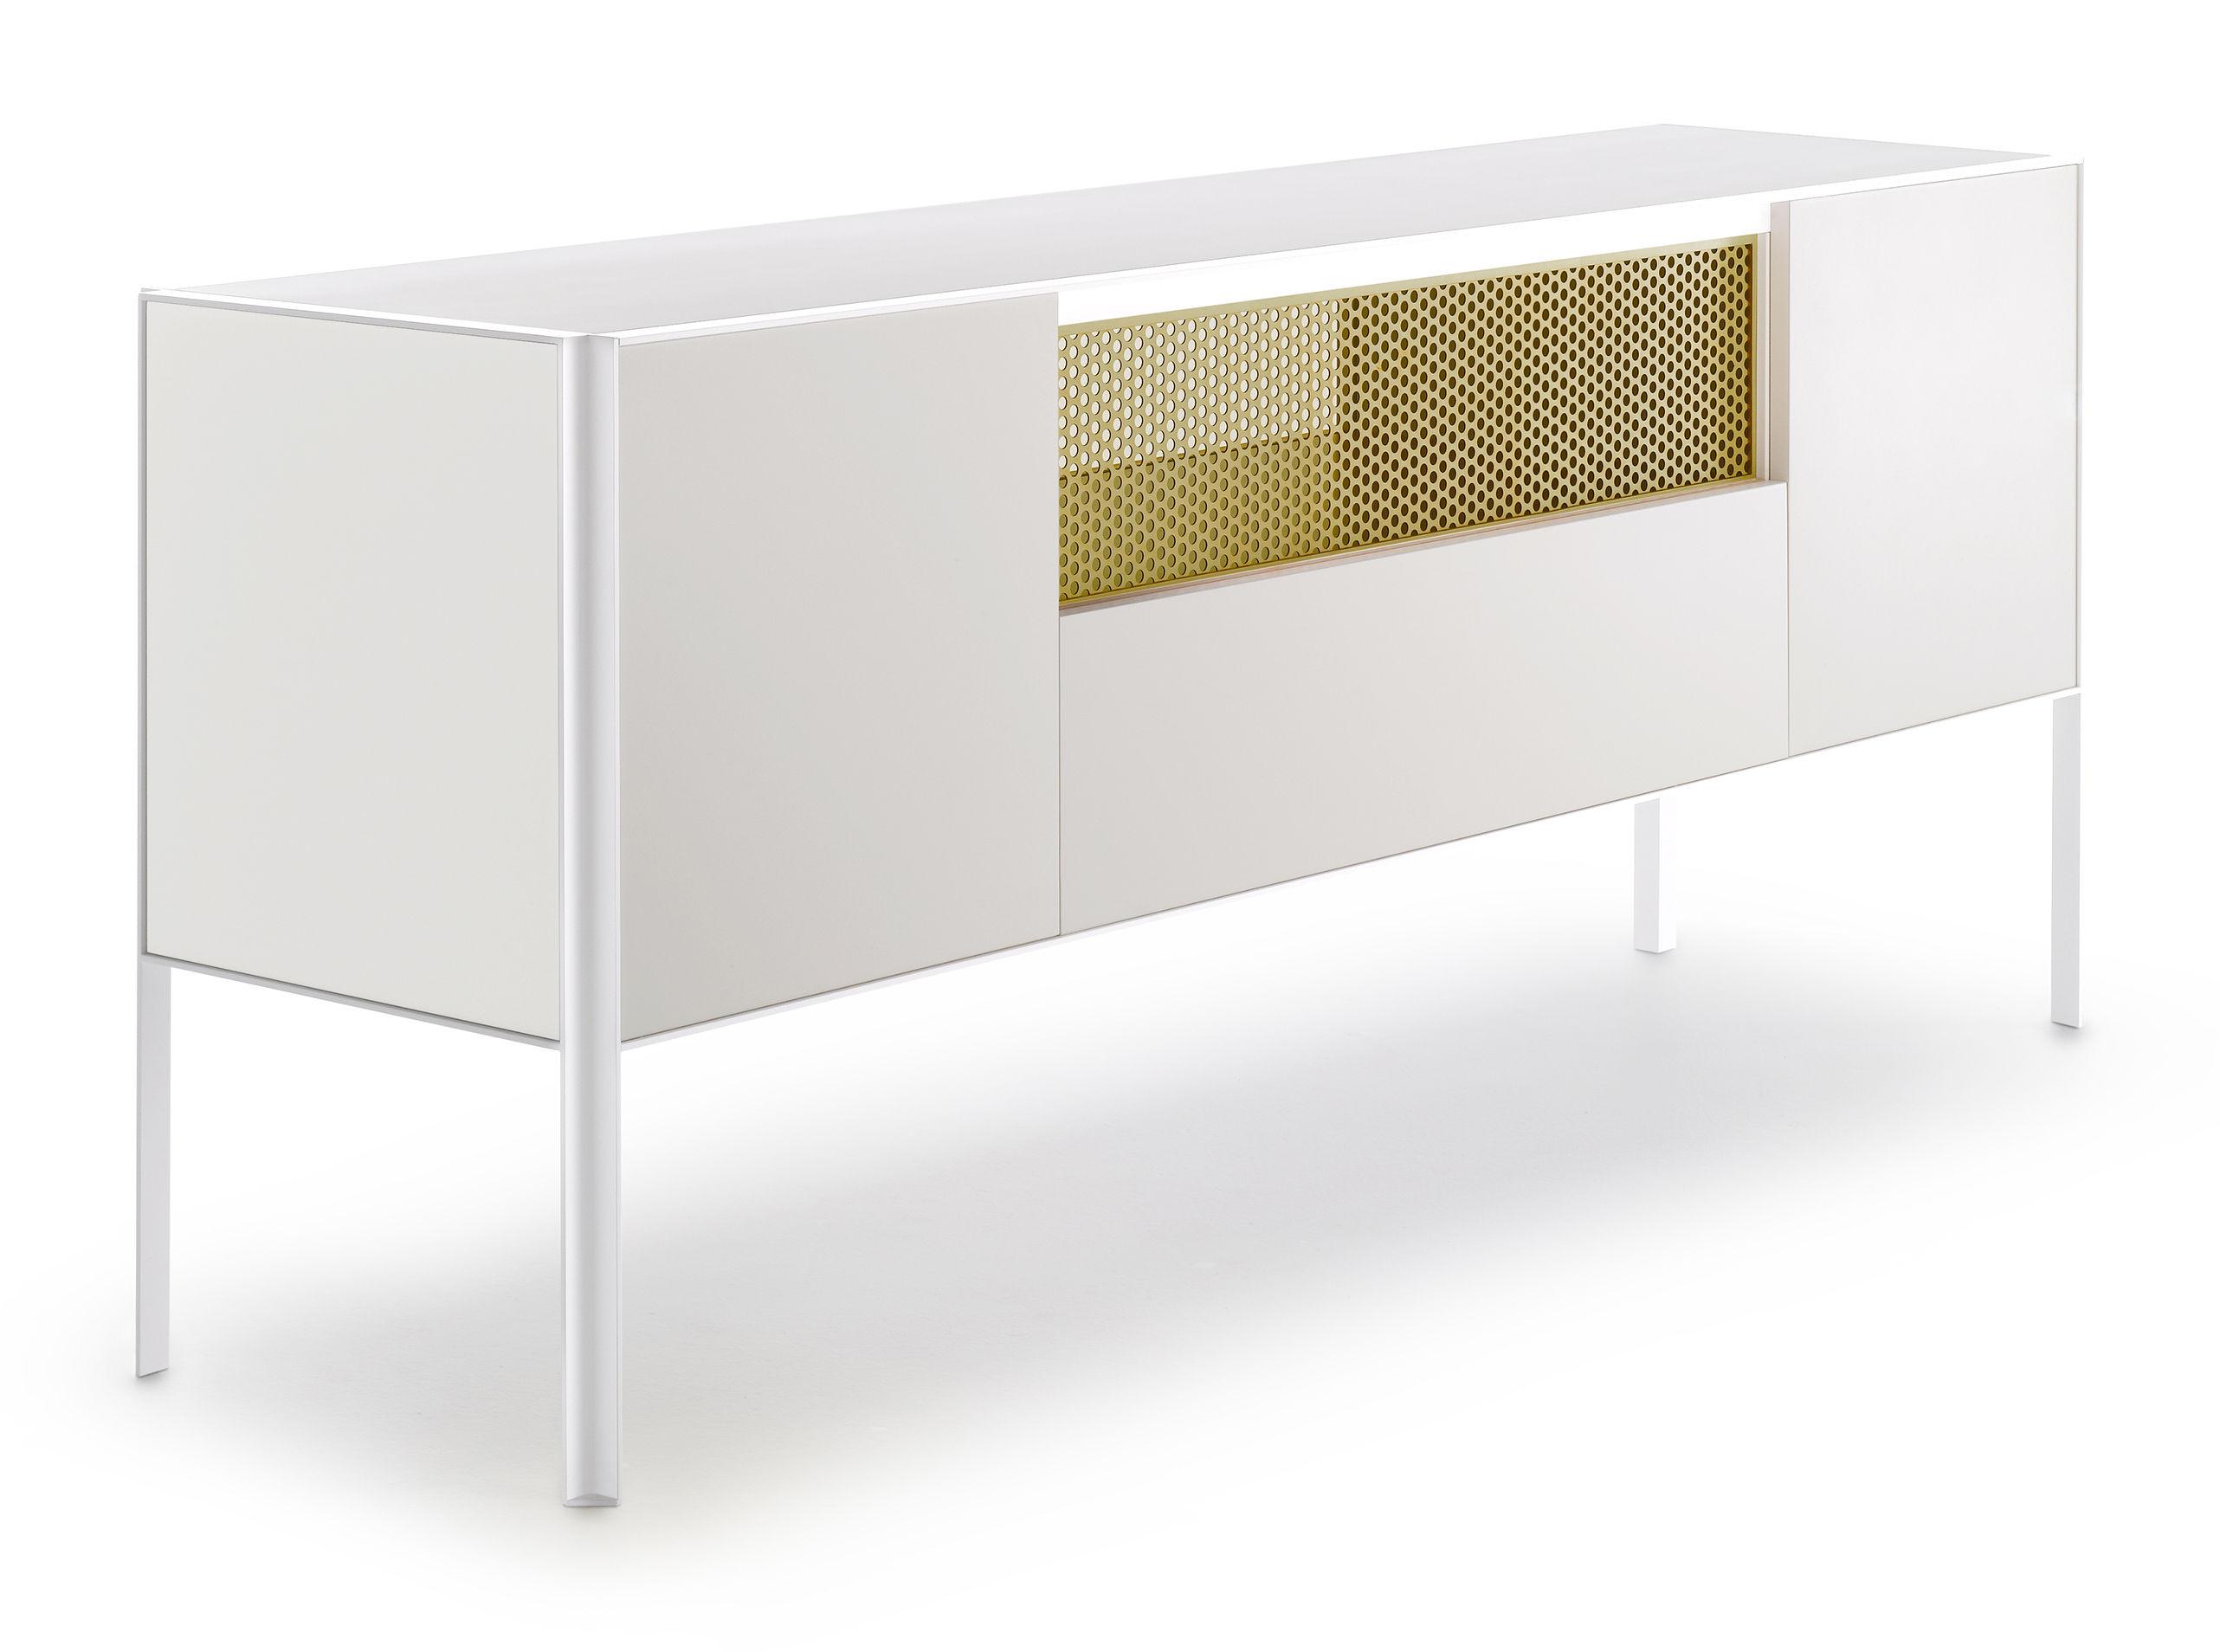 Anrichte Heron Von Mdf Italia Weiss Gelb Made In Design